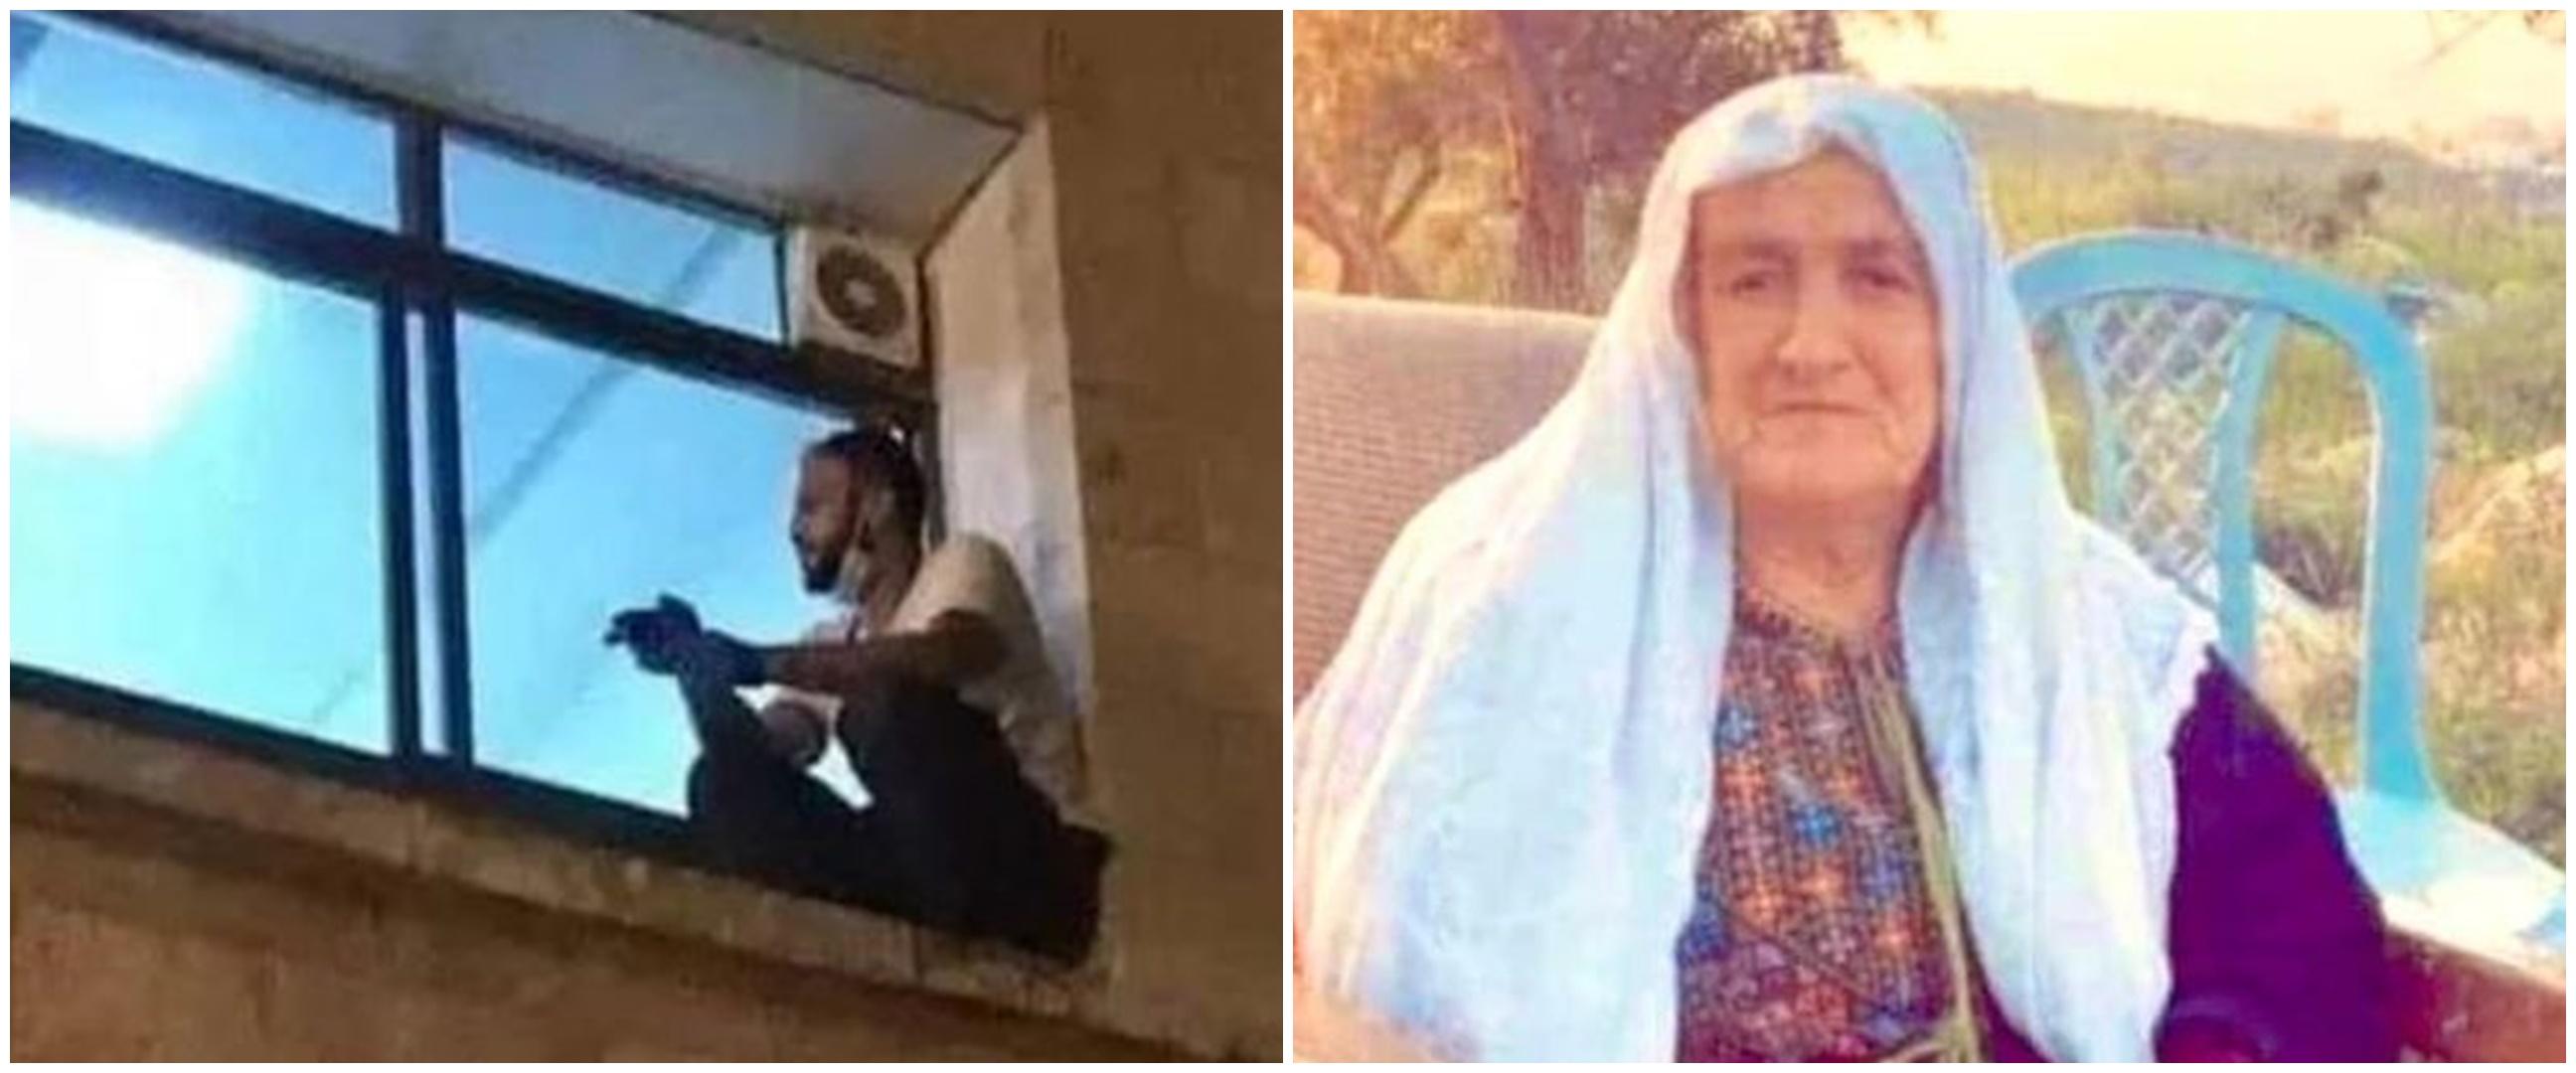 Kisah sedih anak dari balik jendela temani ibunya yang positif corona